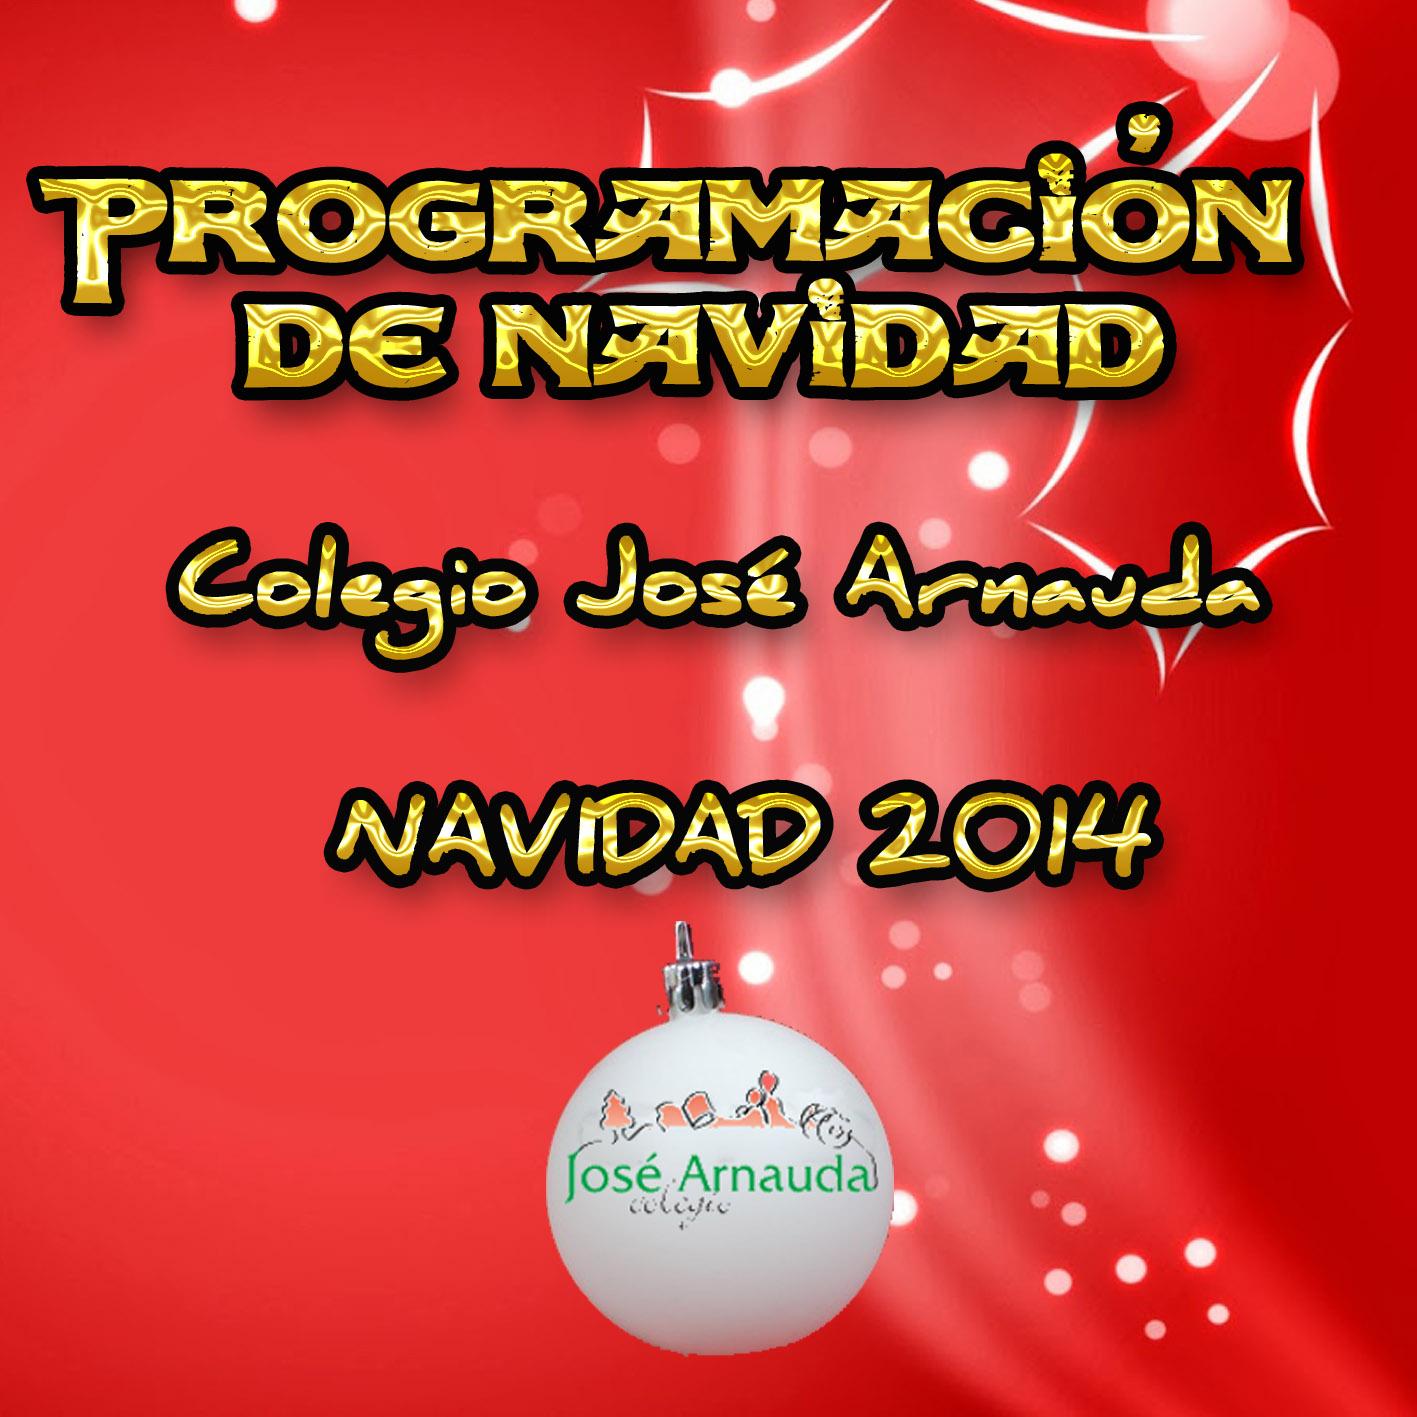 Programación Navidad Arnauda 2014